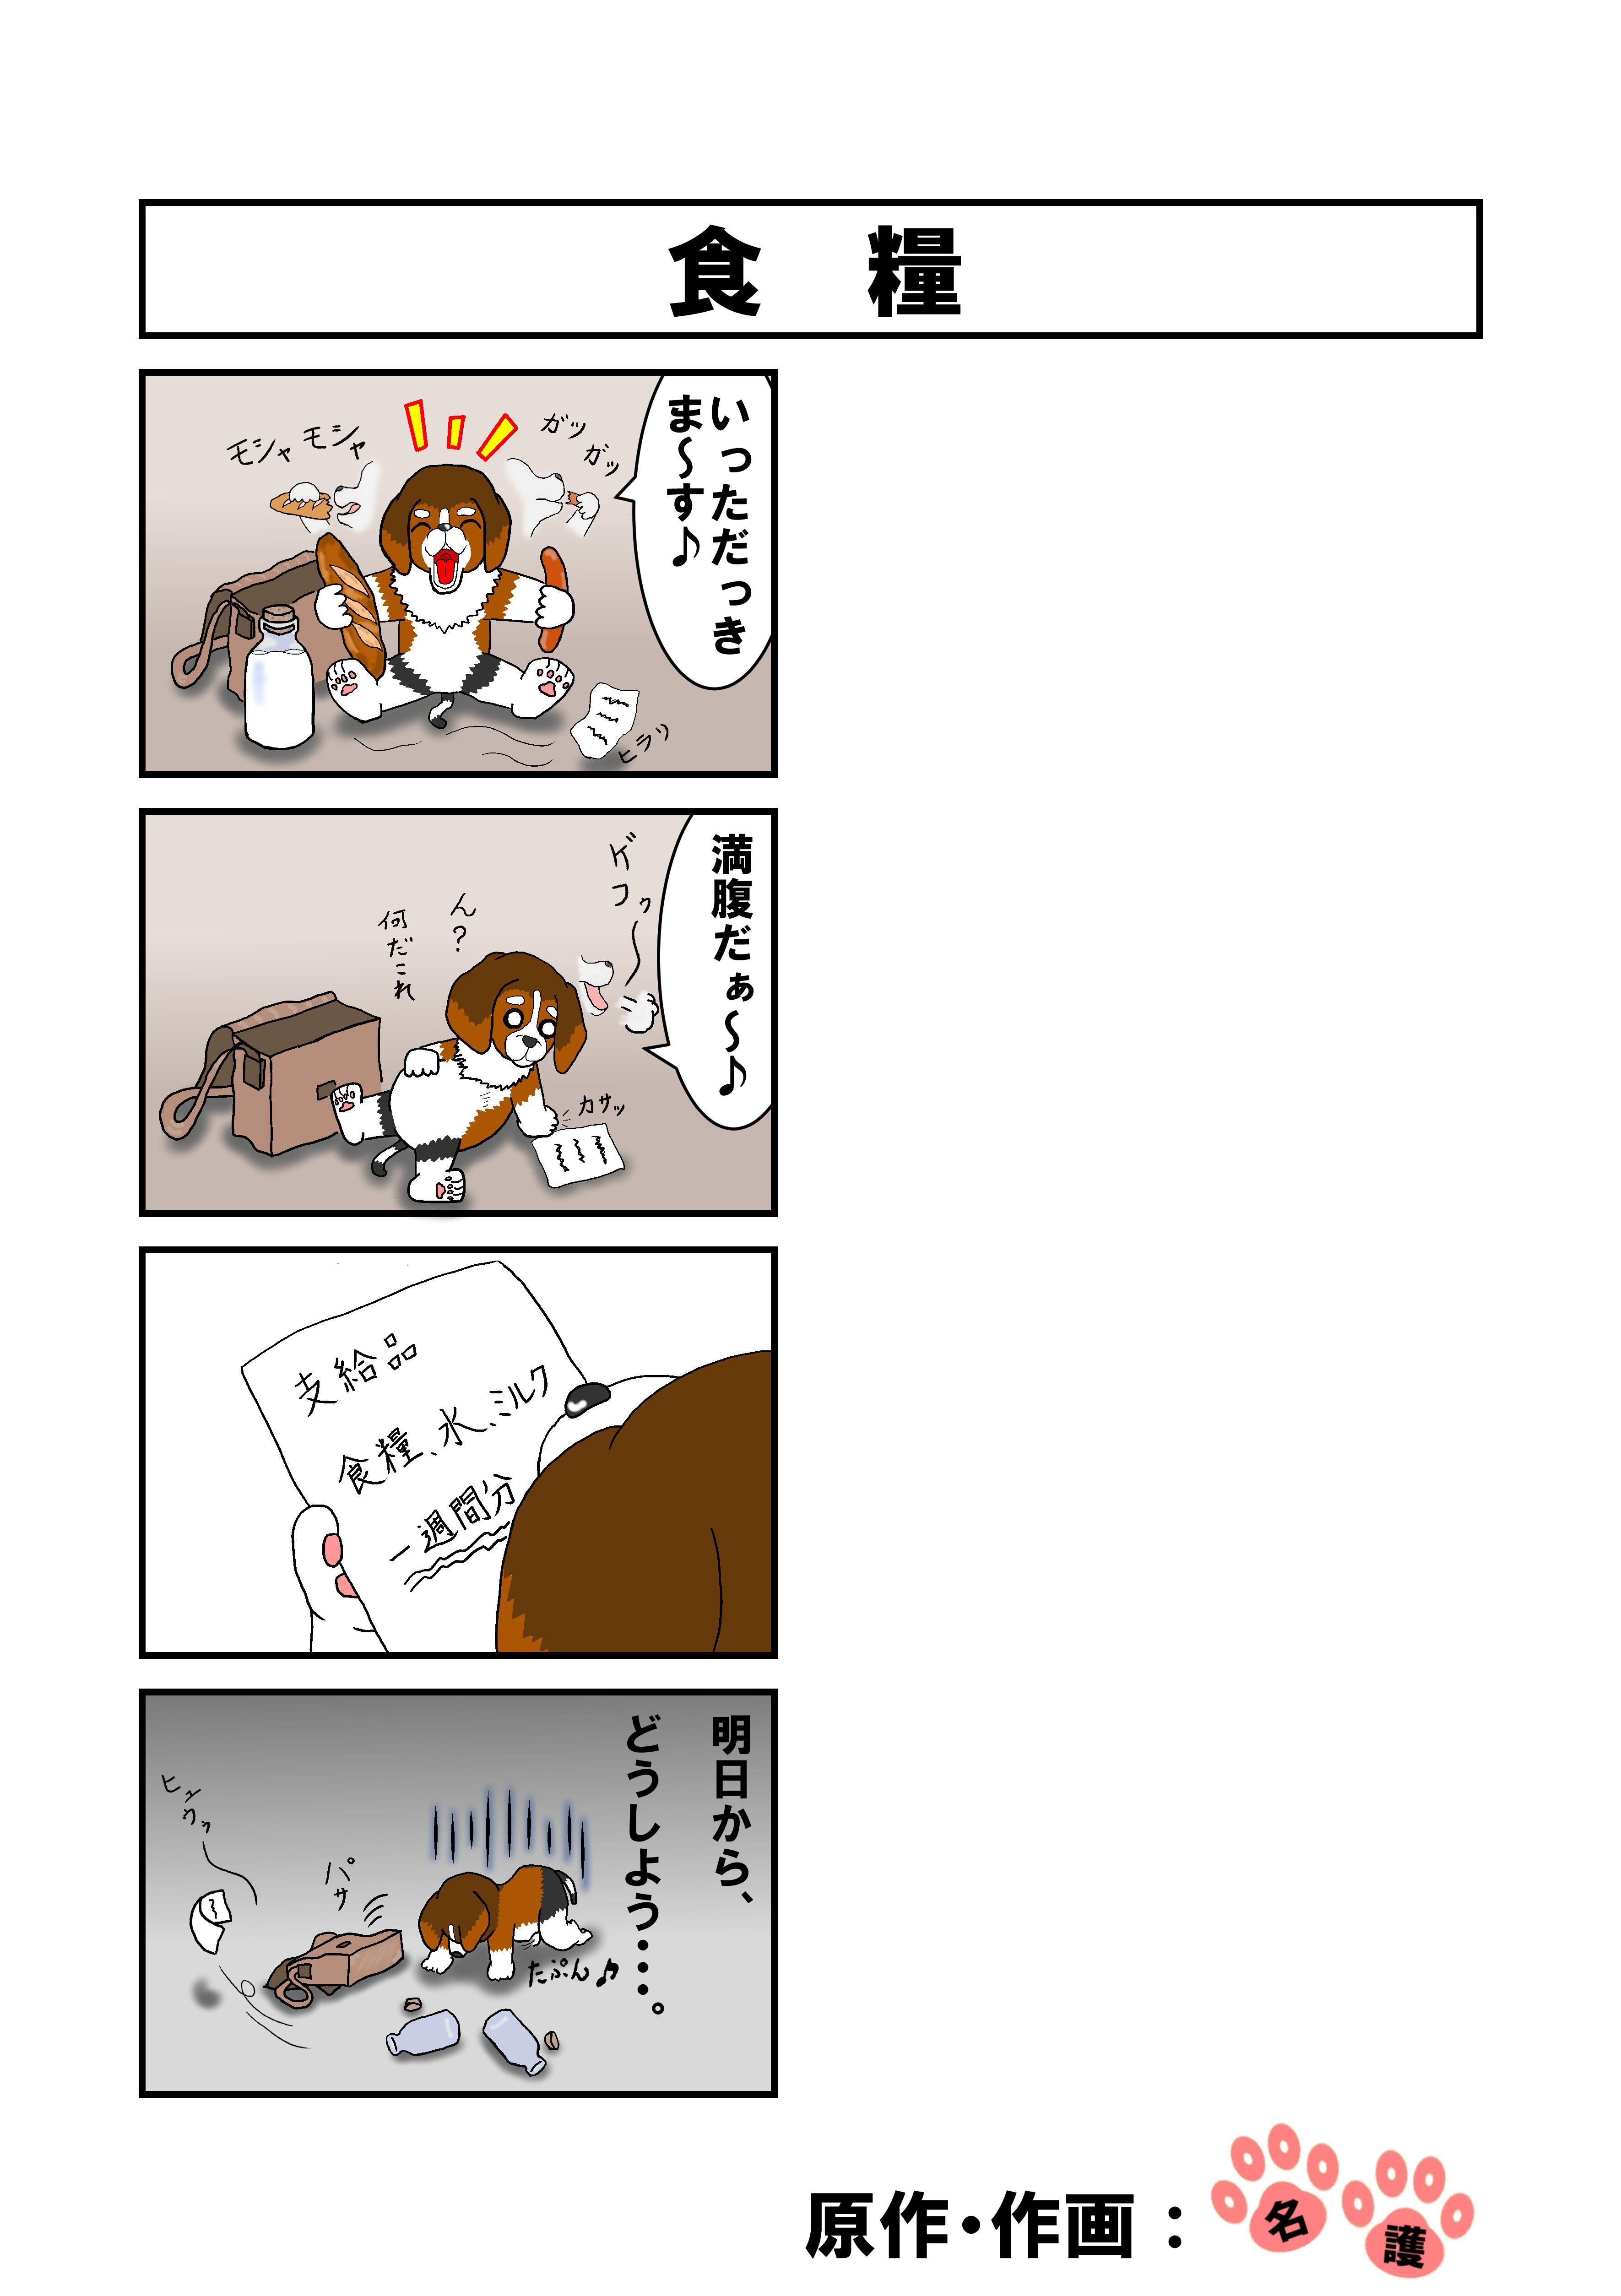 ナゴの日常 2p-2